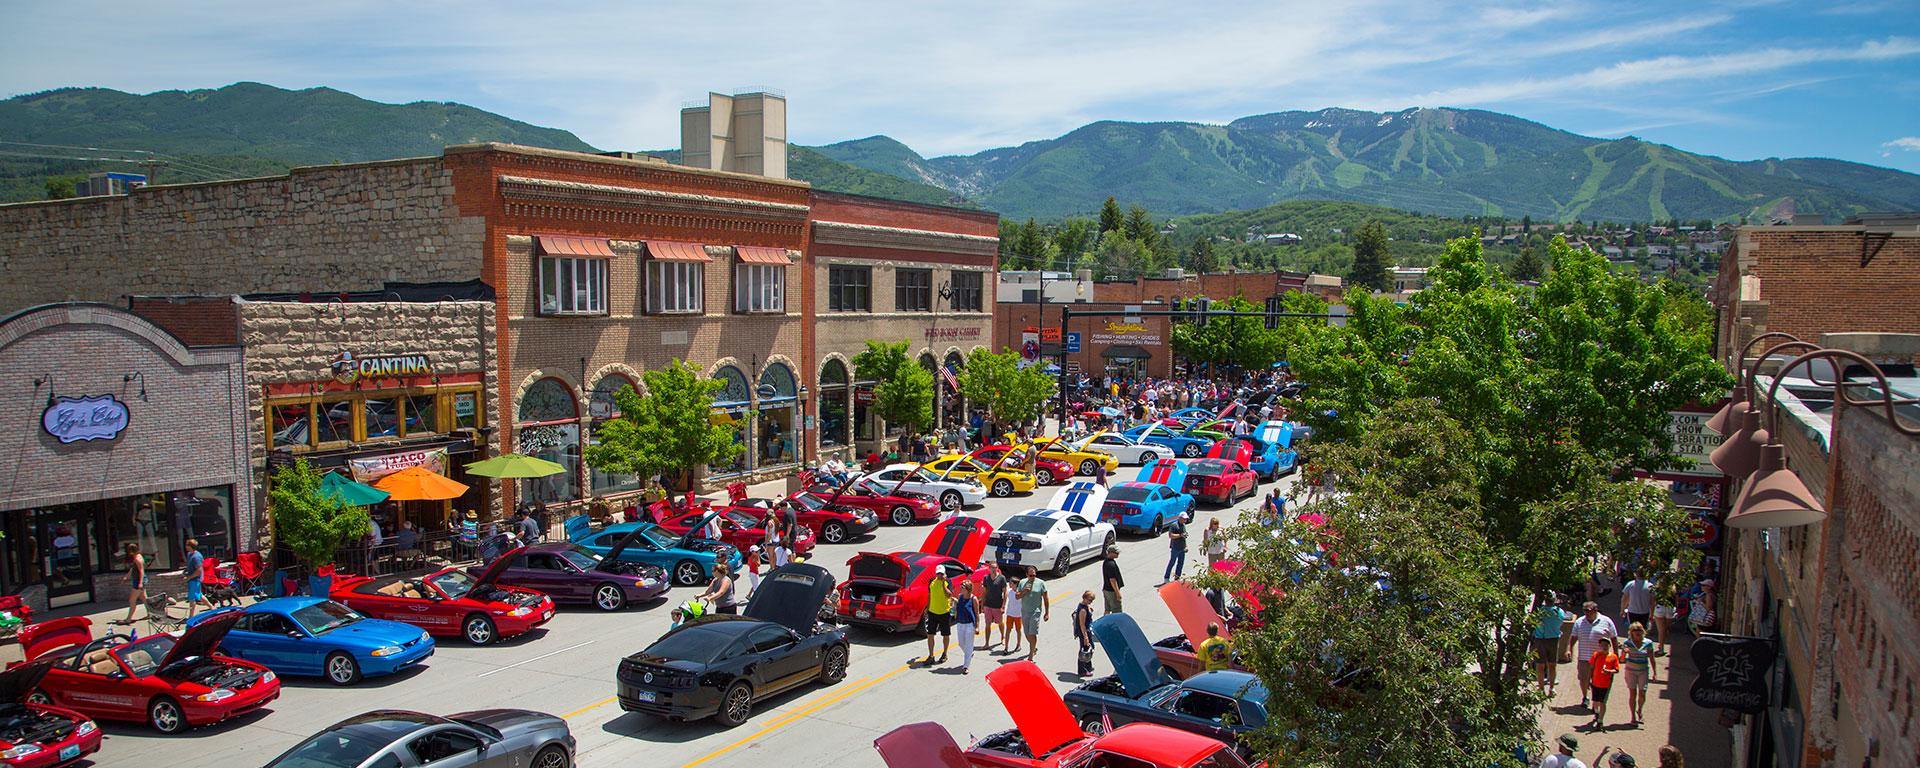 Rocky Mountain Mustang Car Roundup Steamboat Springs Colorado - Colorado car show calendar